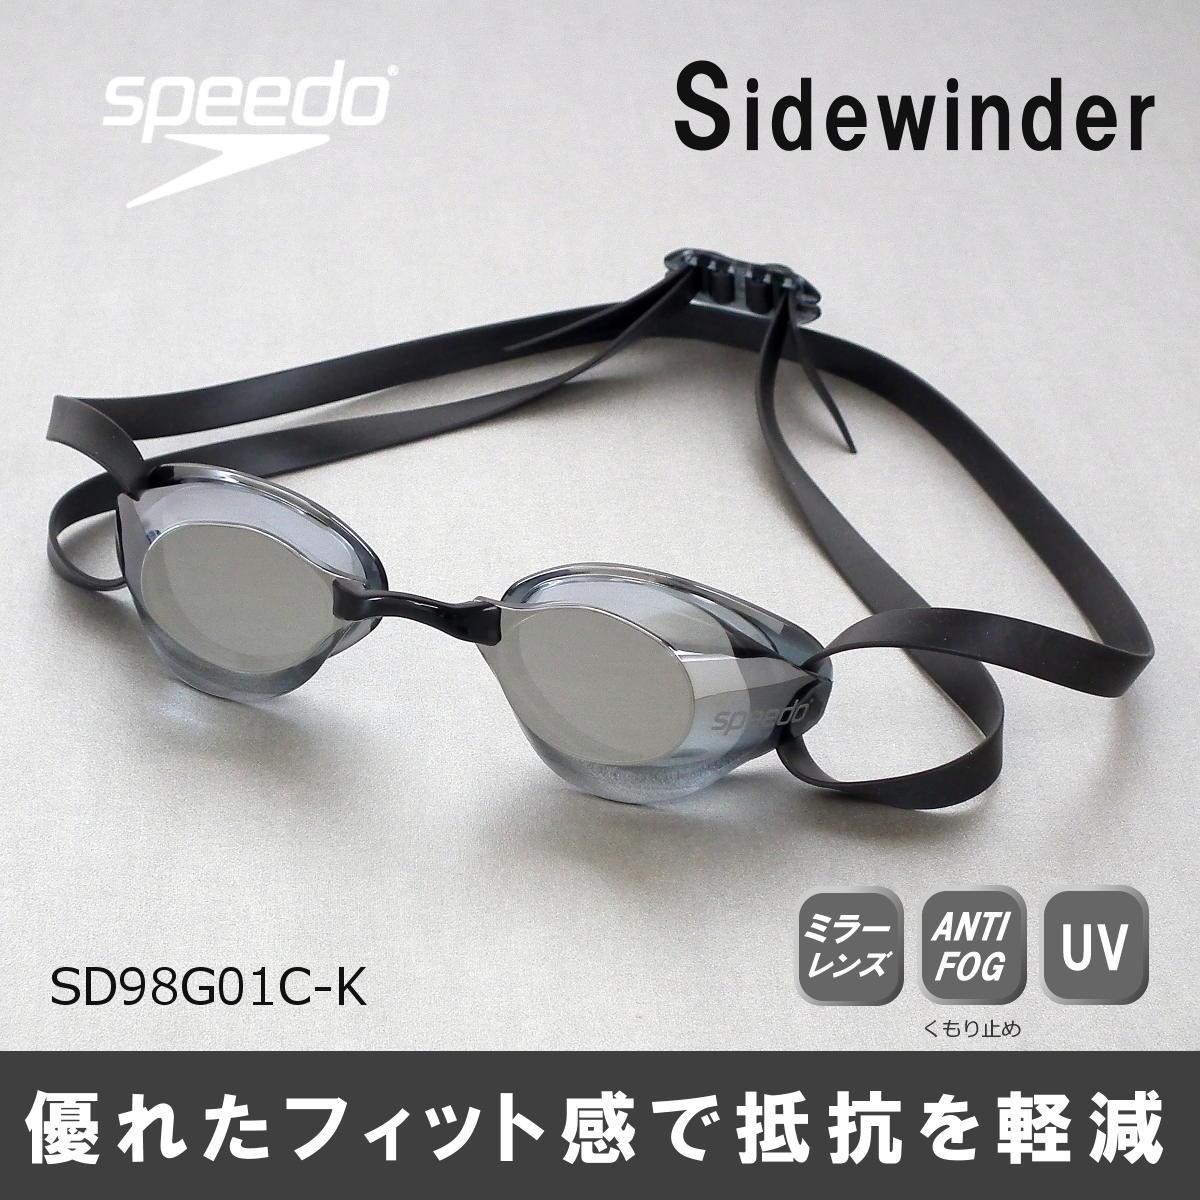 【スイムゴーグル】SPEEDO スピード ノンクッション スイミングゴーグル ミラータイプ サイドワインダー 水泳 SD98G01C-K